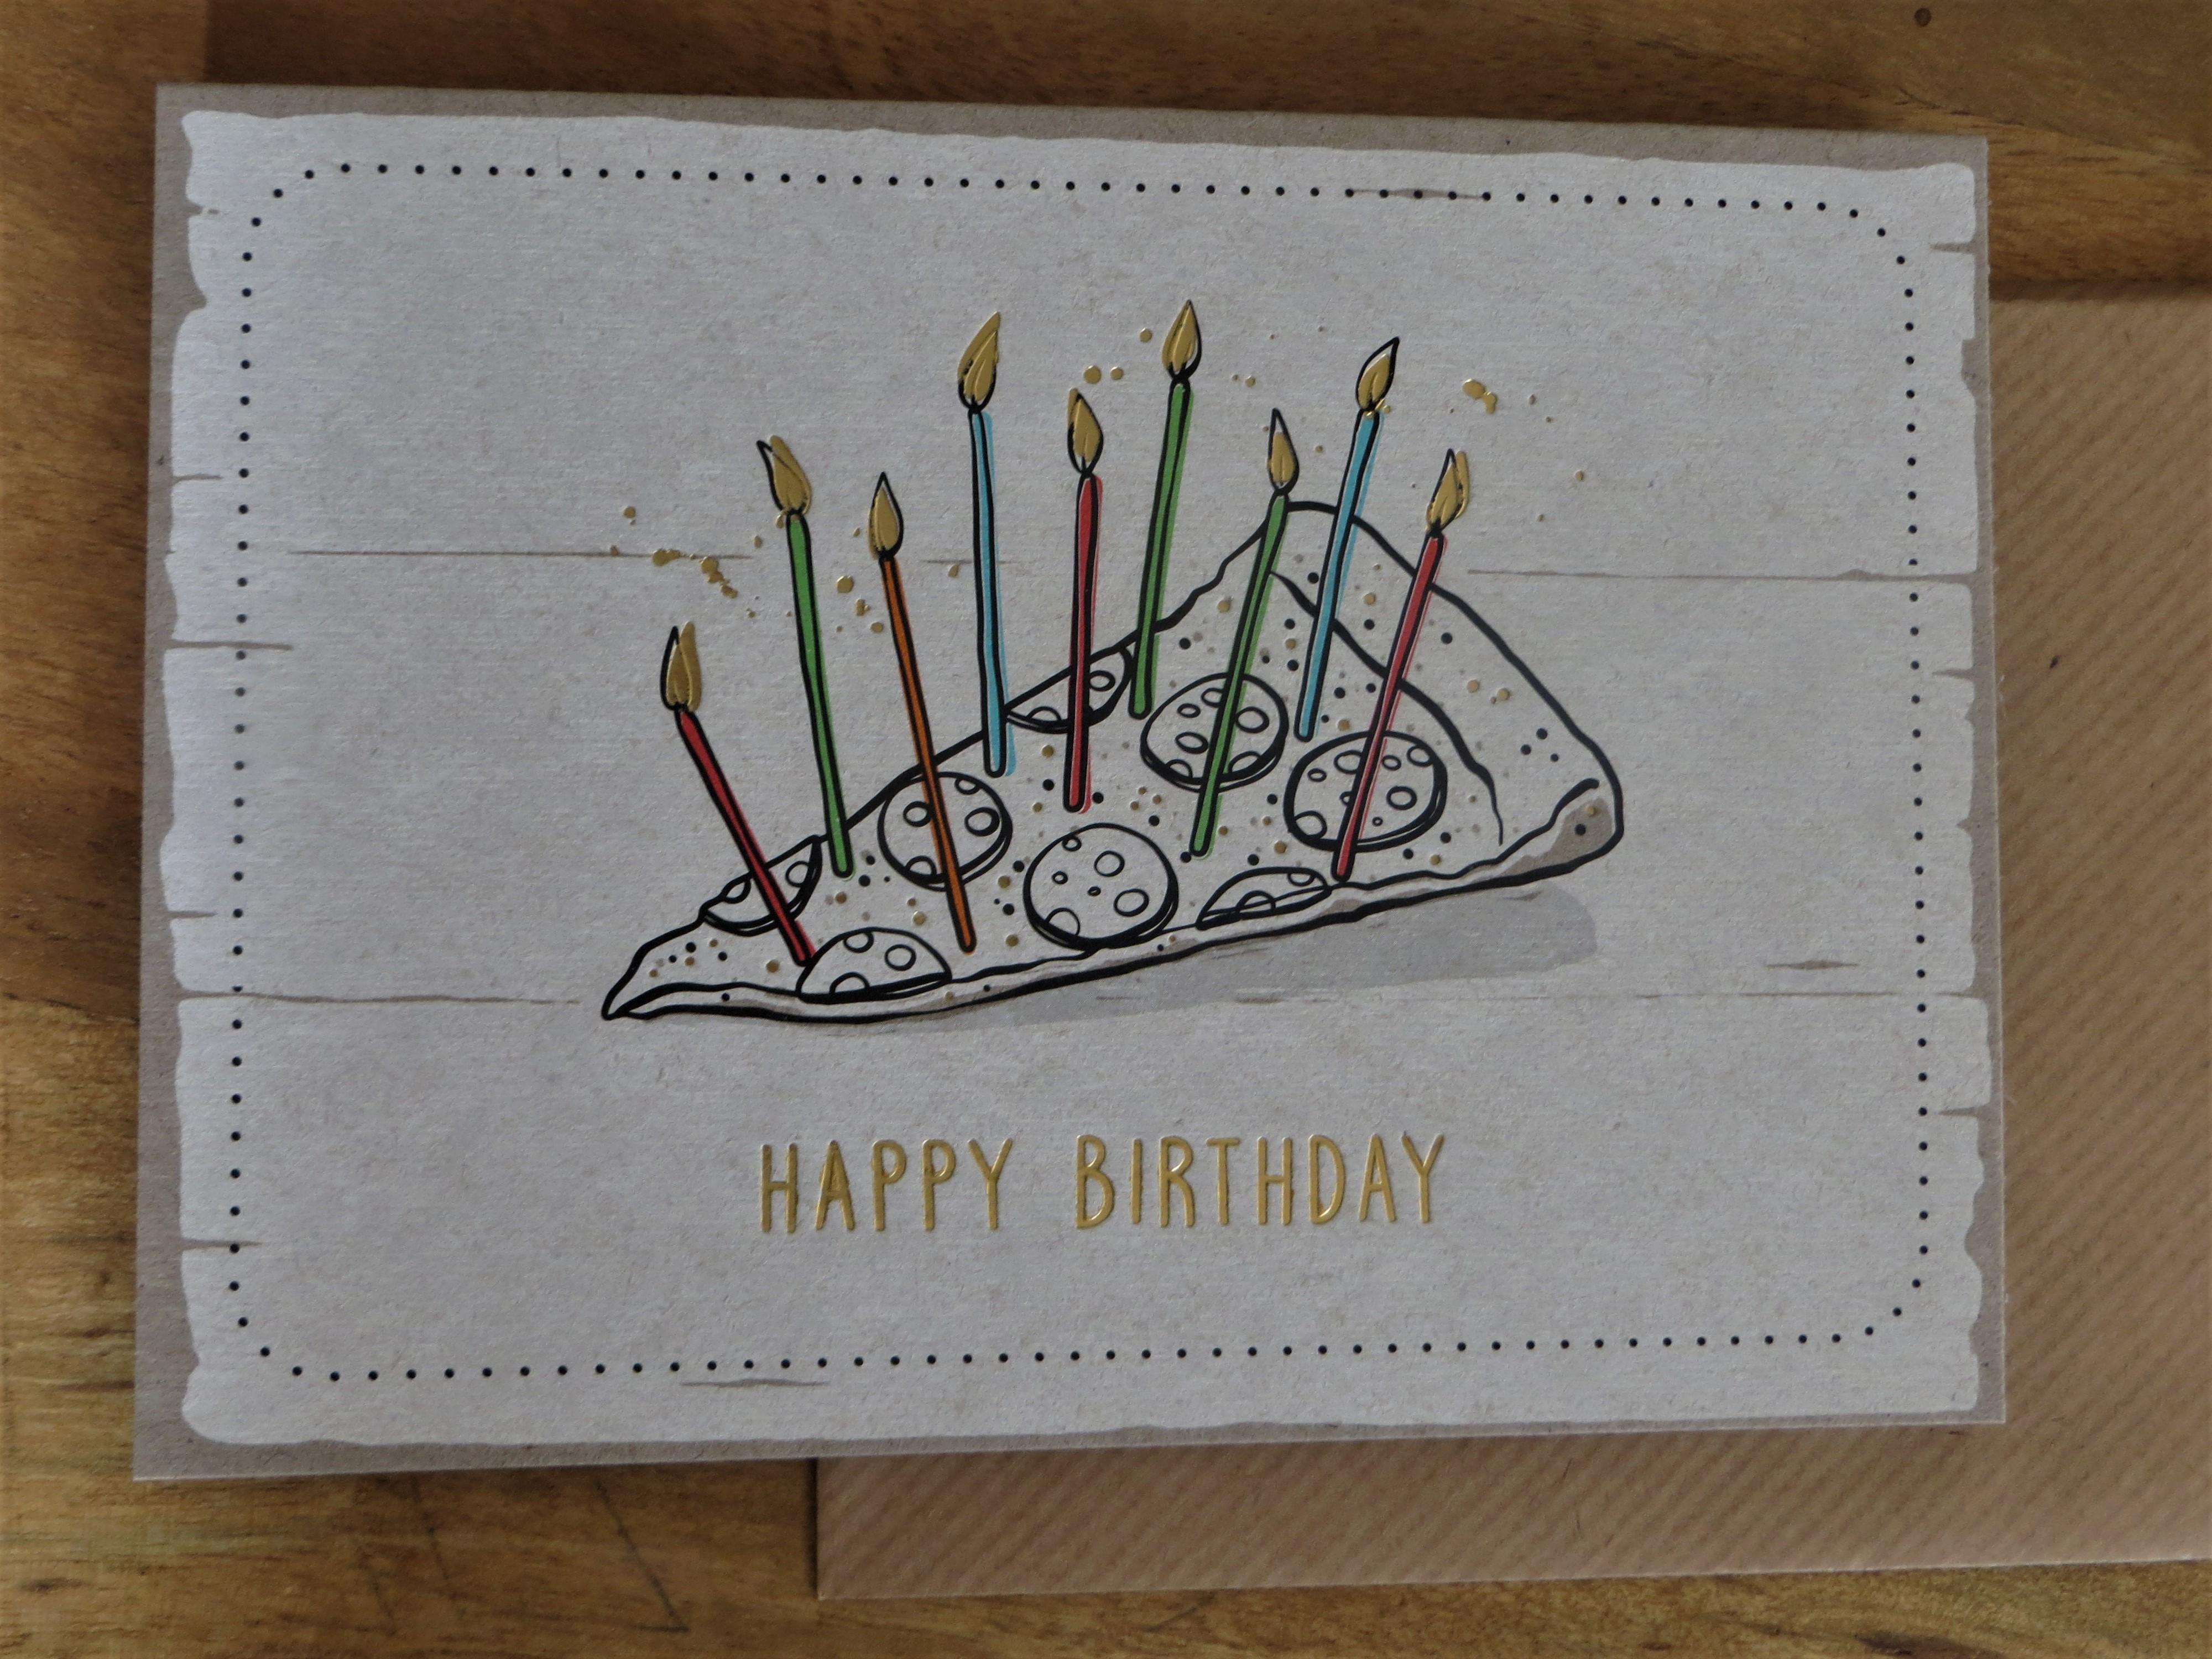 Nützlichgrusskarten - Klappkarte Umschlagkarte HAPPY BIRTHDAY Pizza KUNST und BILD - Onlineshop Tante Emmer